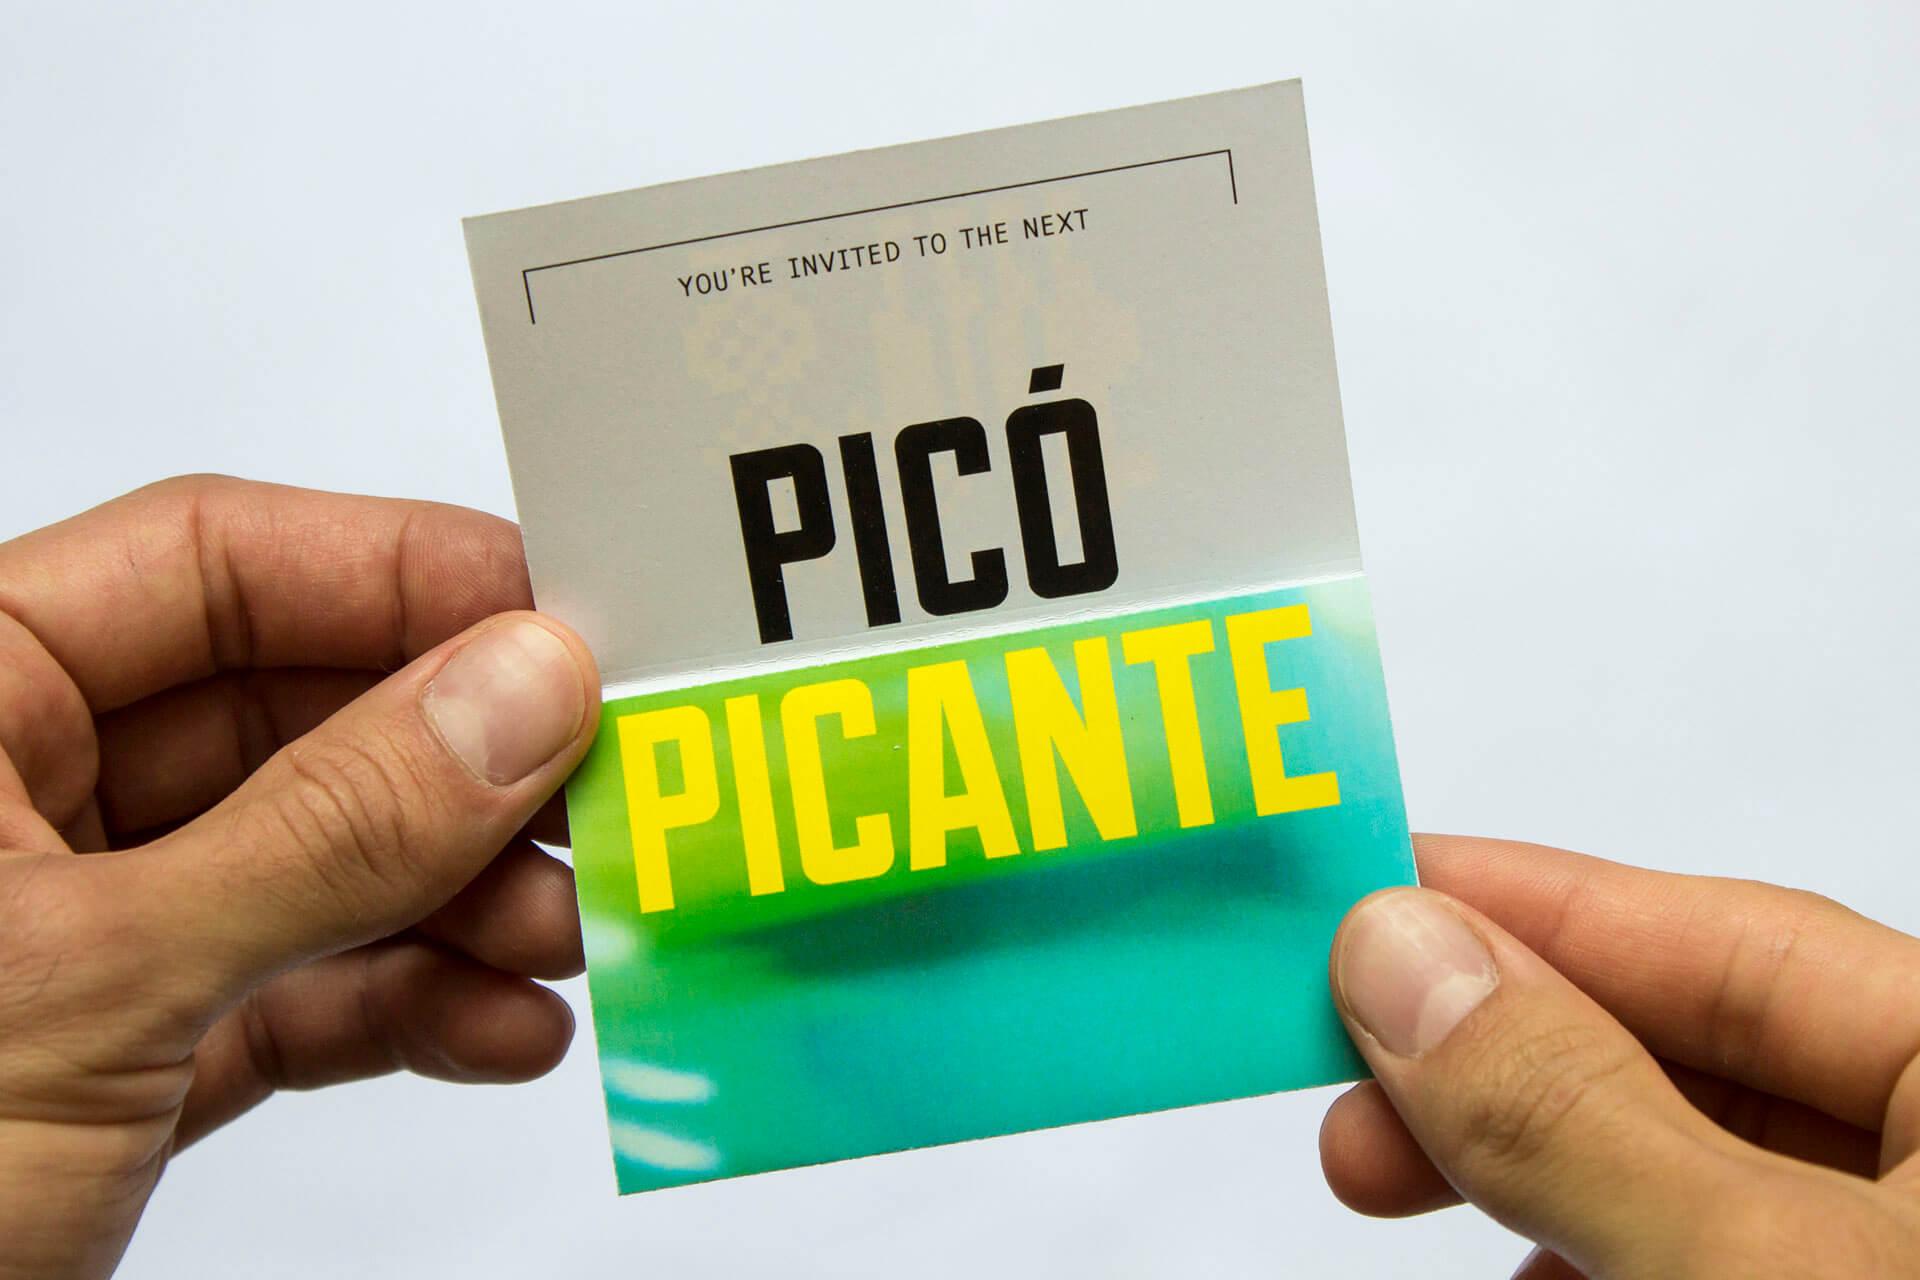 studio-malagon-pico-picante-invitation-02